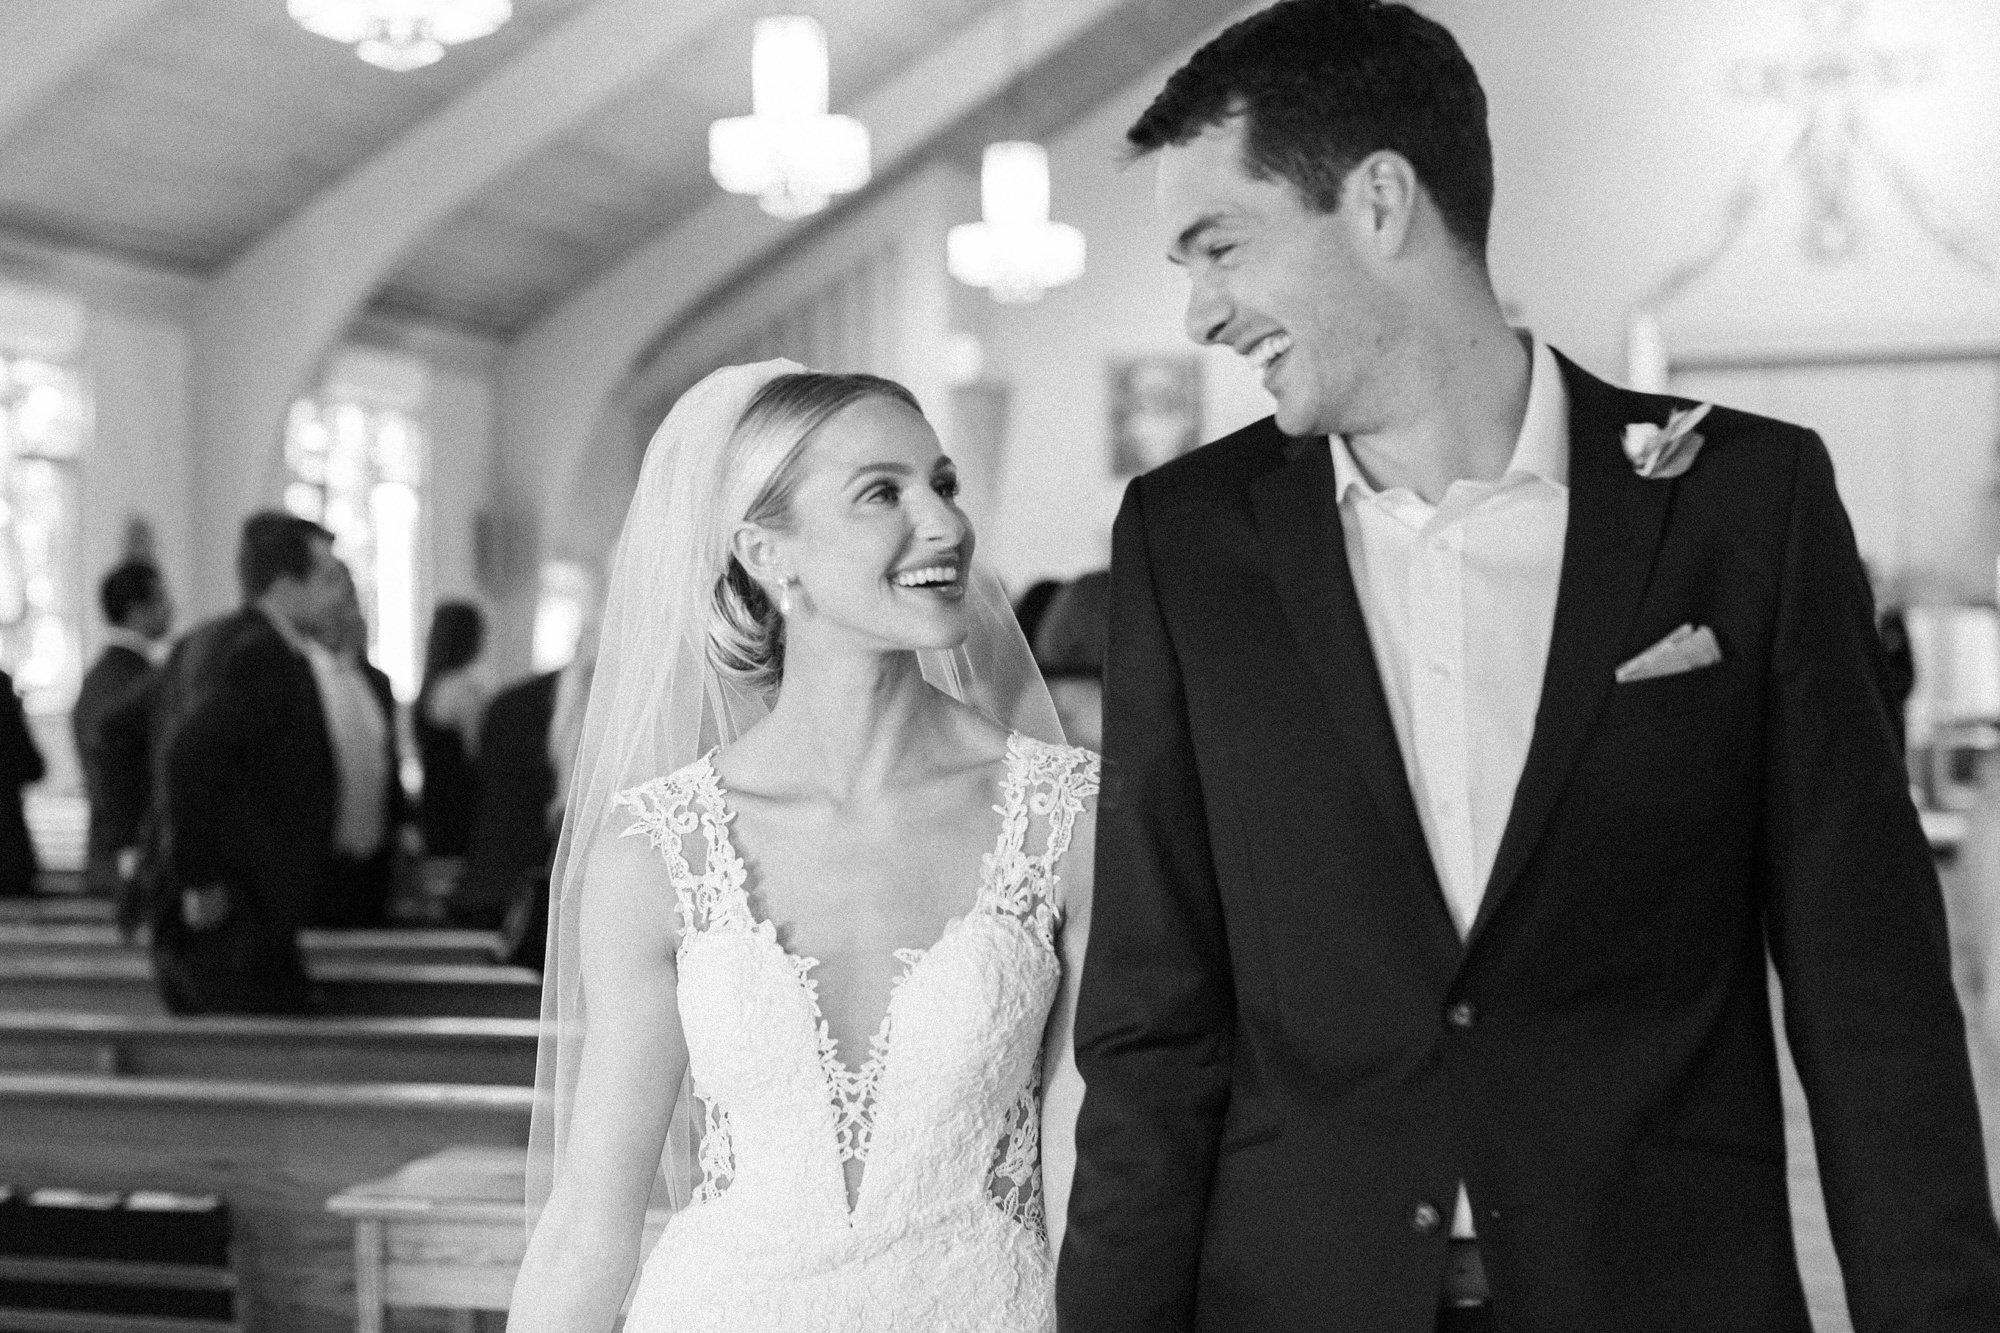 Wychmere Wedding Photographer